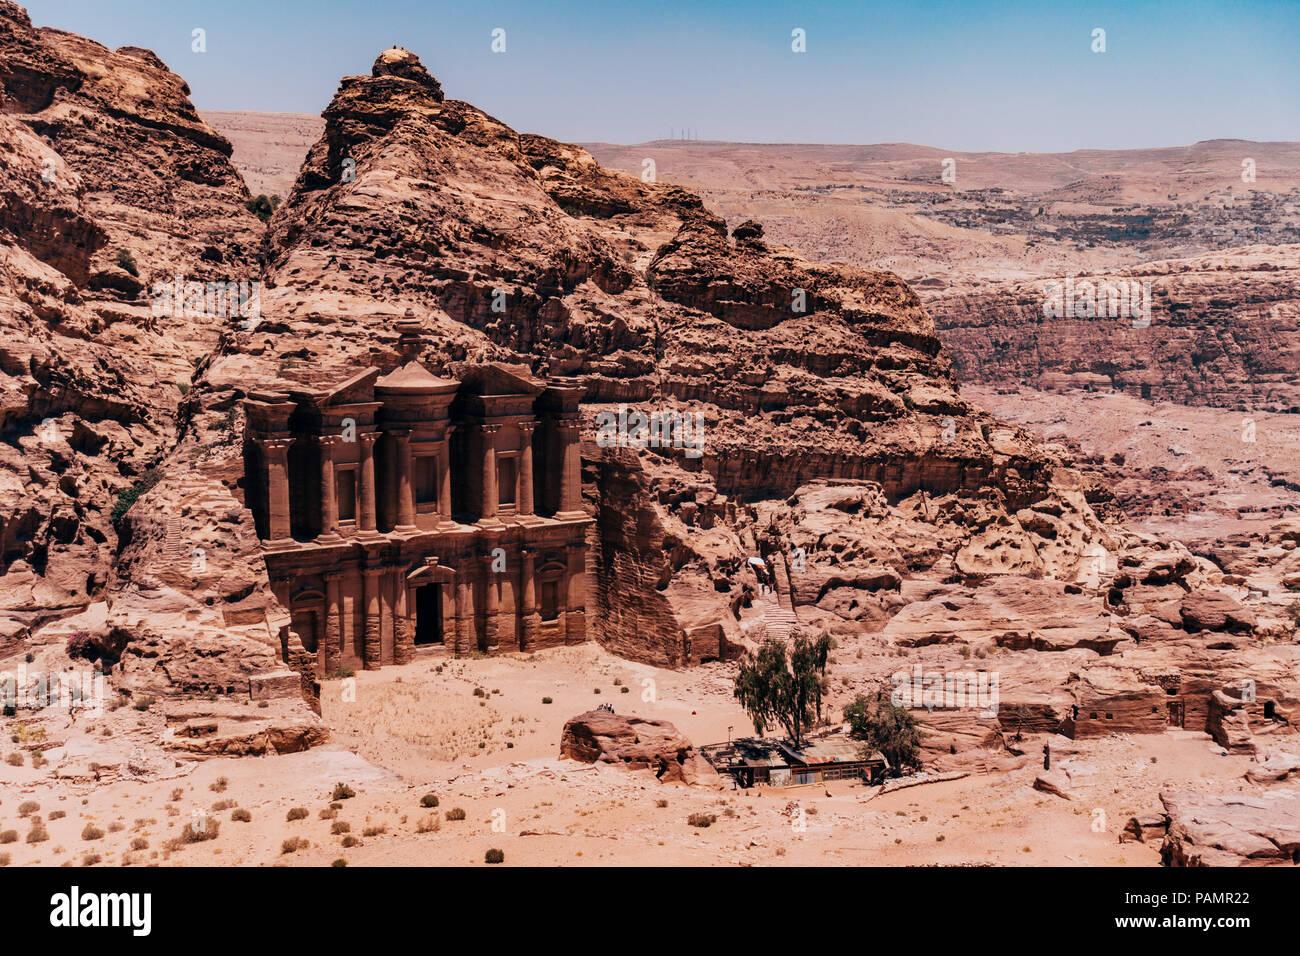 Mit Blick auf das Kloster in die Seite der Gesteinsschichten in der verlorenen Stadt Petra, Jordanien Stockbild